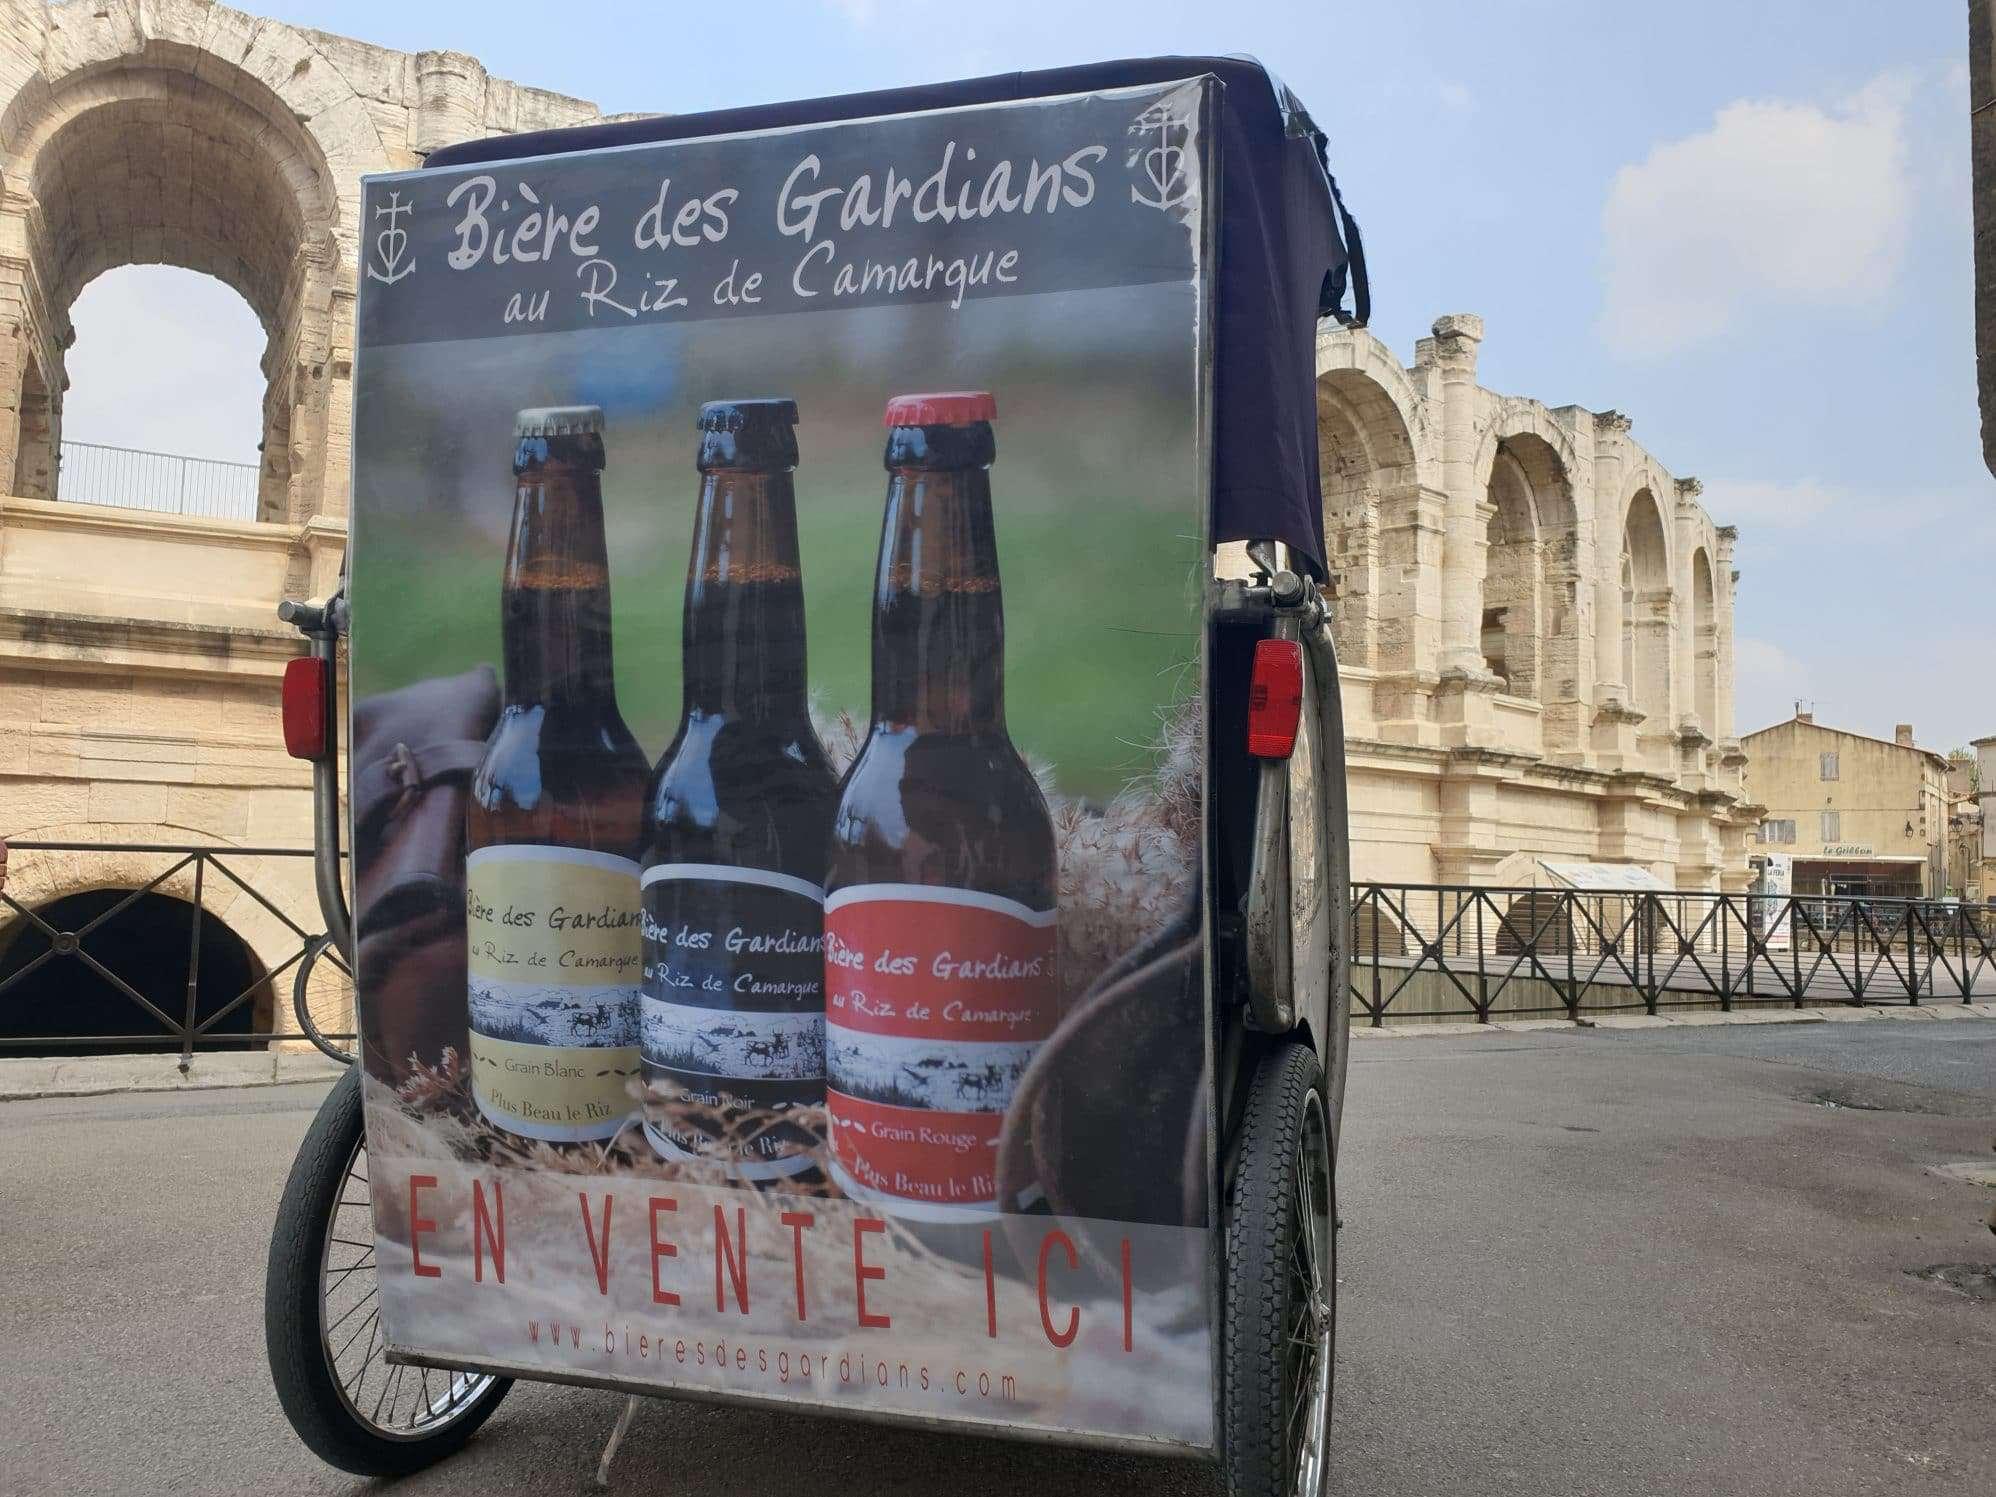 La bière des Gardians, la bière de riz du pays d'Arles